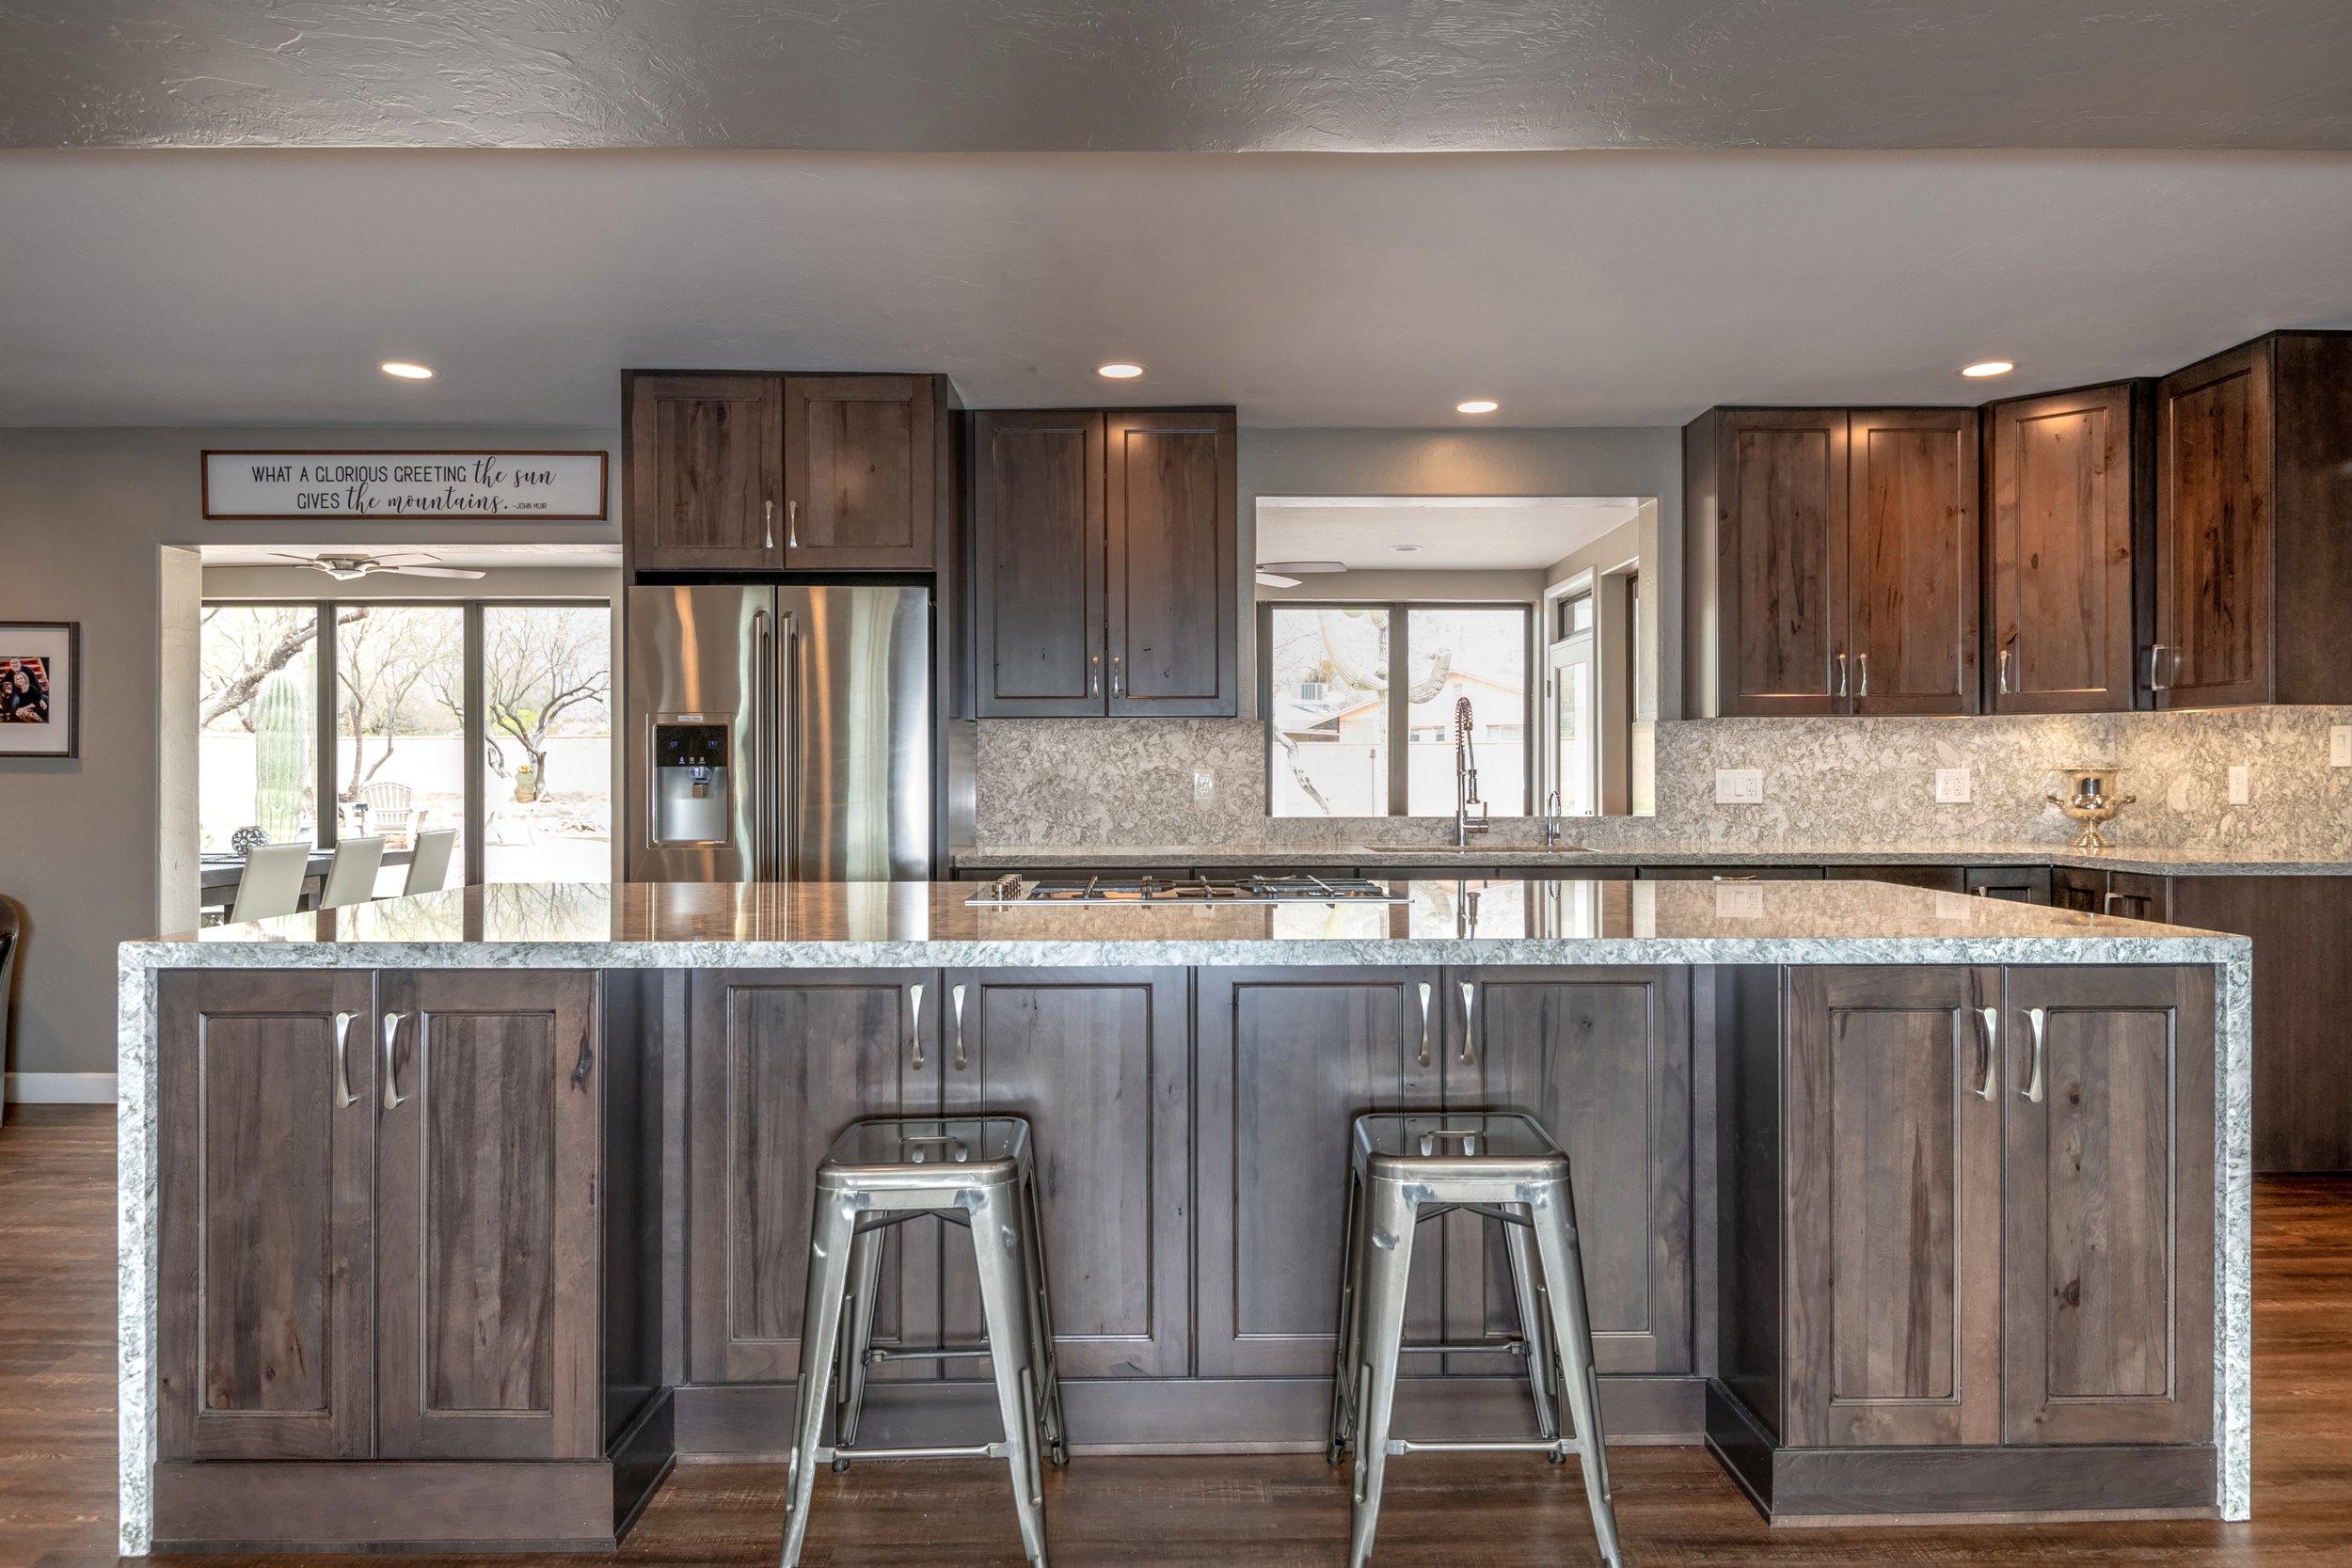 kitchen-concepts-feb-17.jpg